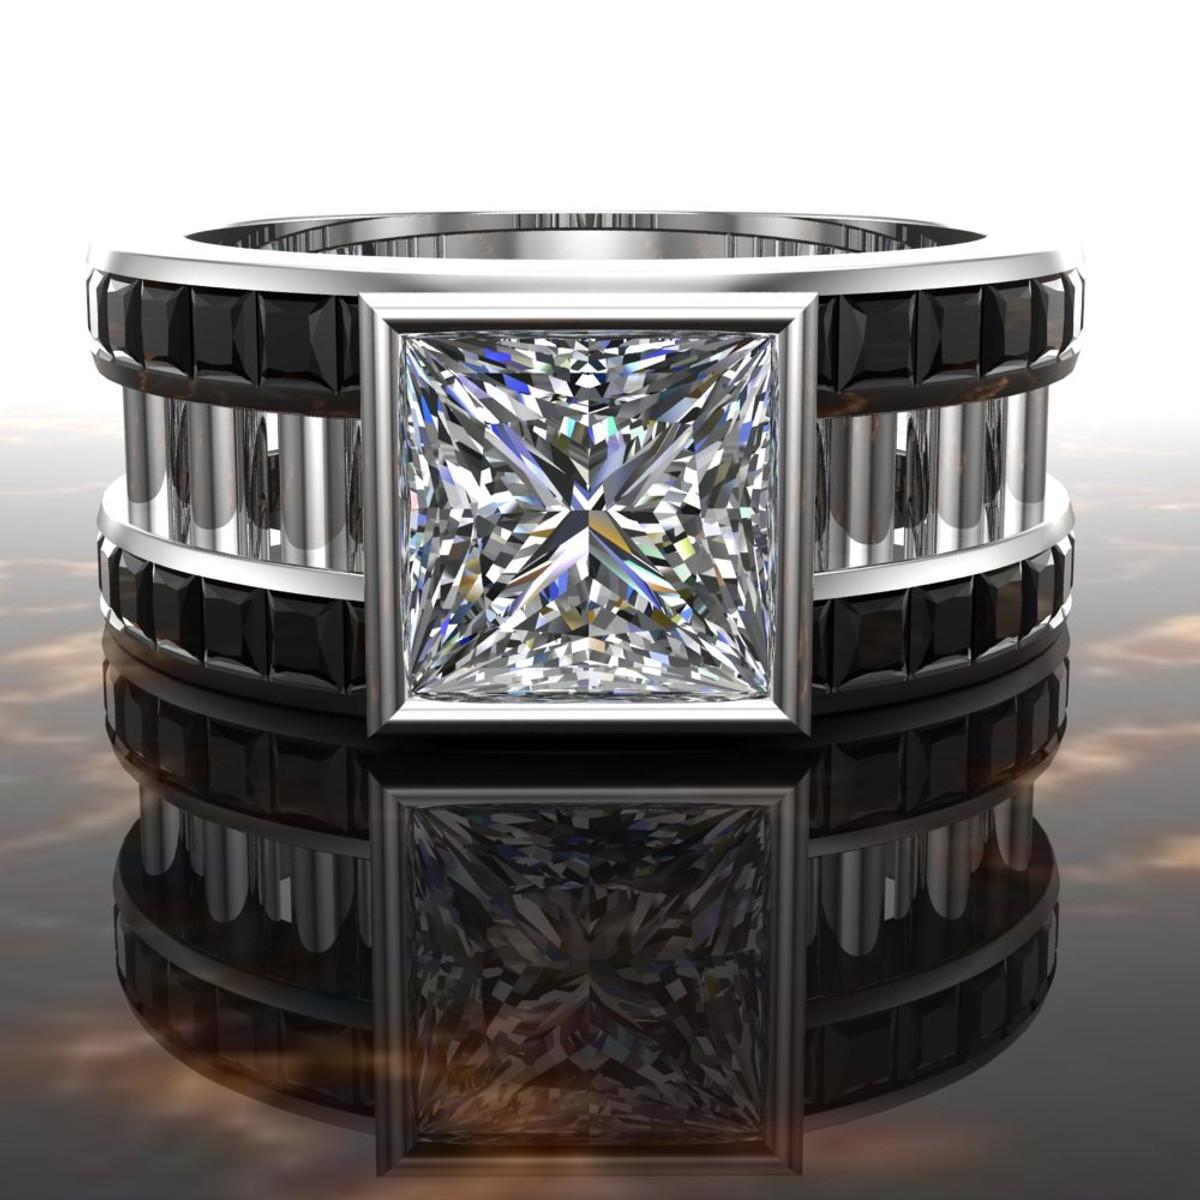 White Collar Black Tie Men's Engagement Ring 2 Ct Square Diamond: 2 Karat Wedding Rings For Him At Websimilar.org